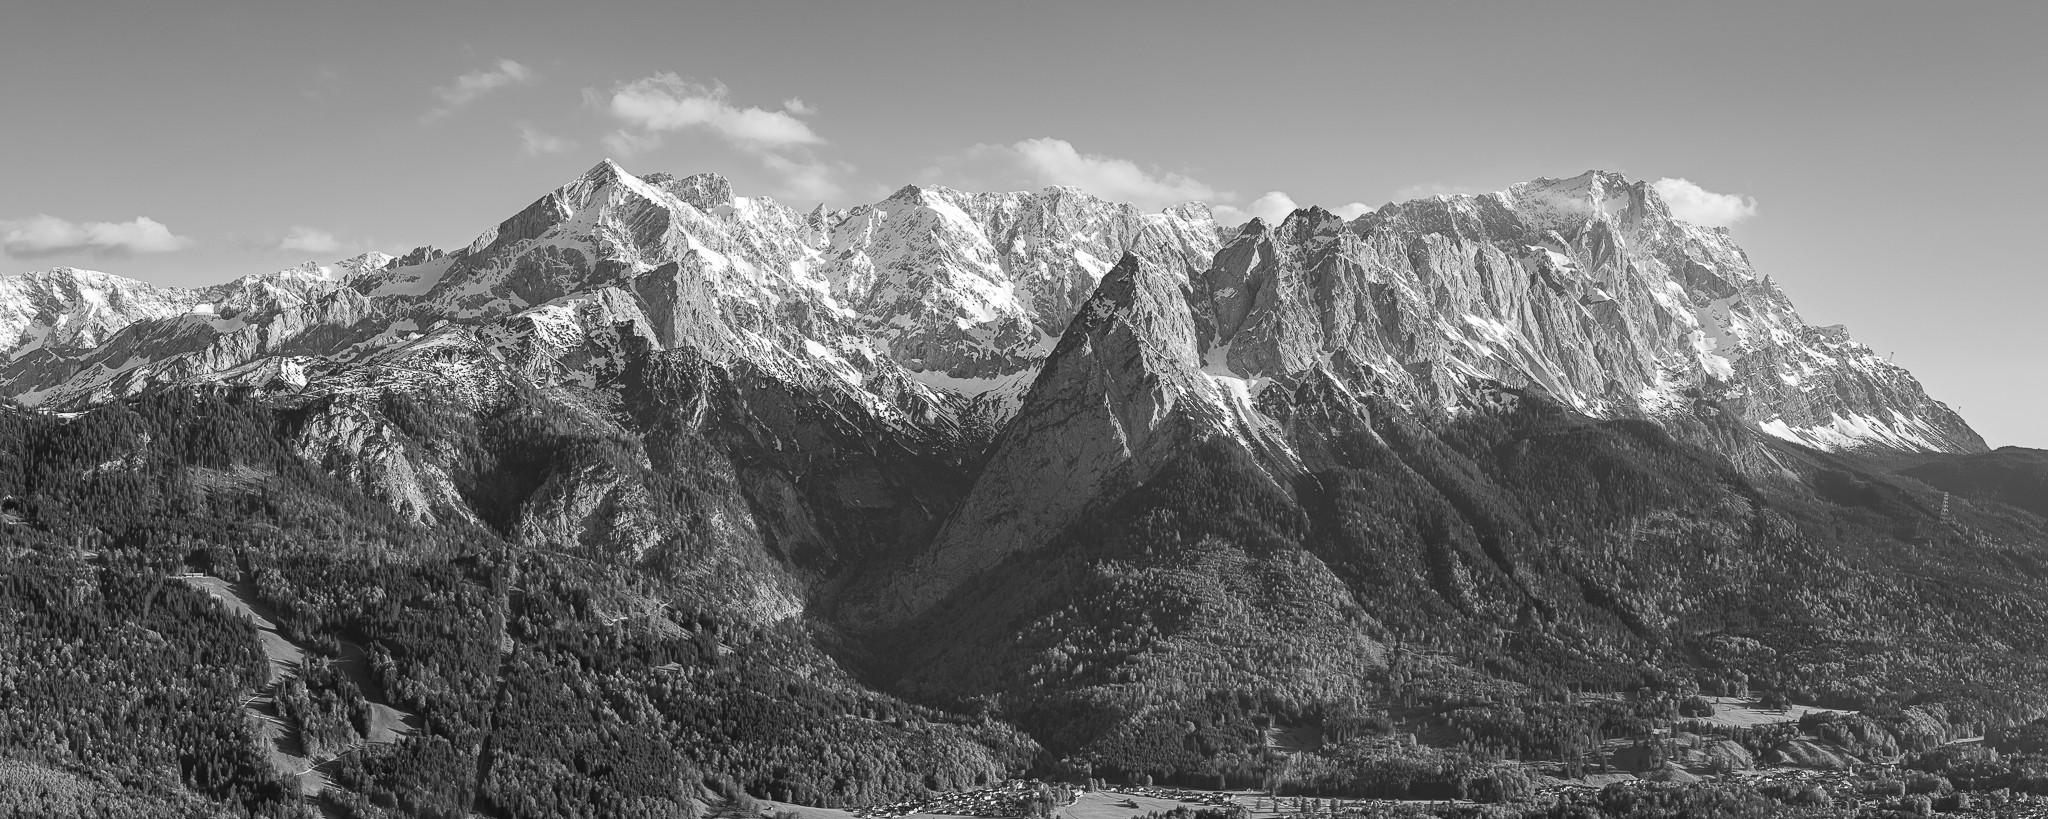 Die Alpspitze imponiert das Garmisch-Partenkirchener Bergpanorama. Mittig das Höllental und rechts die Zugspitze. Schwarz Weiß